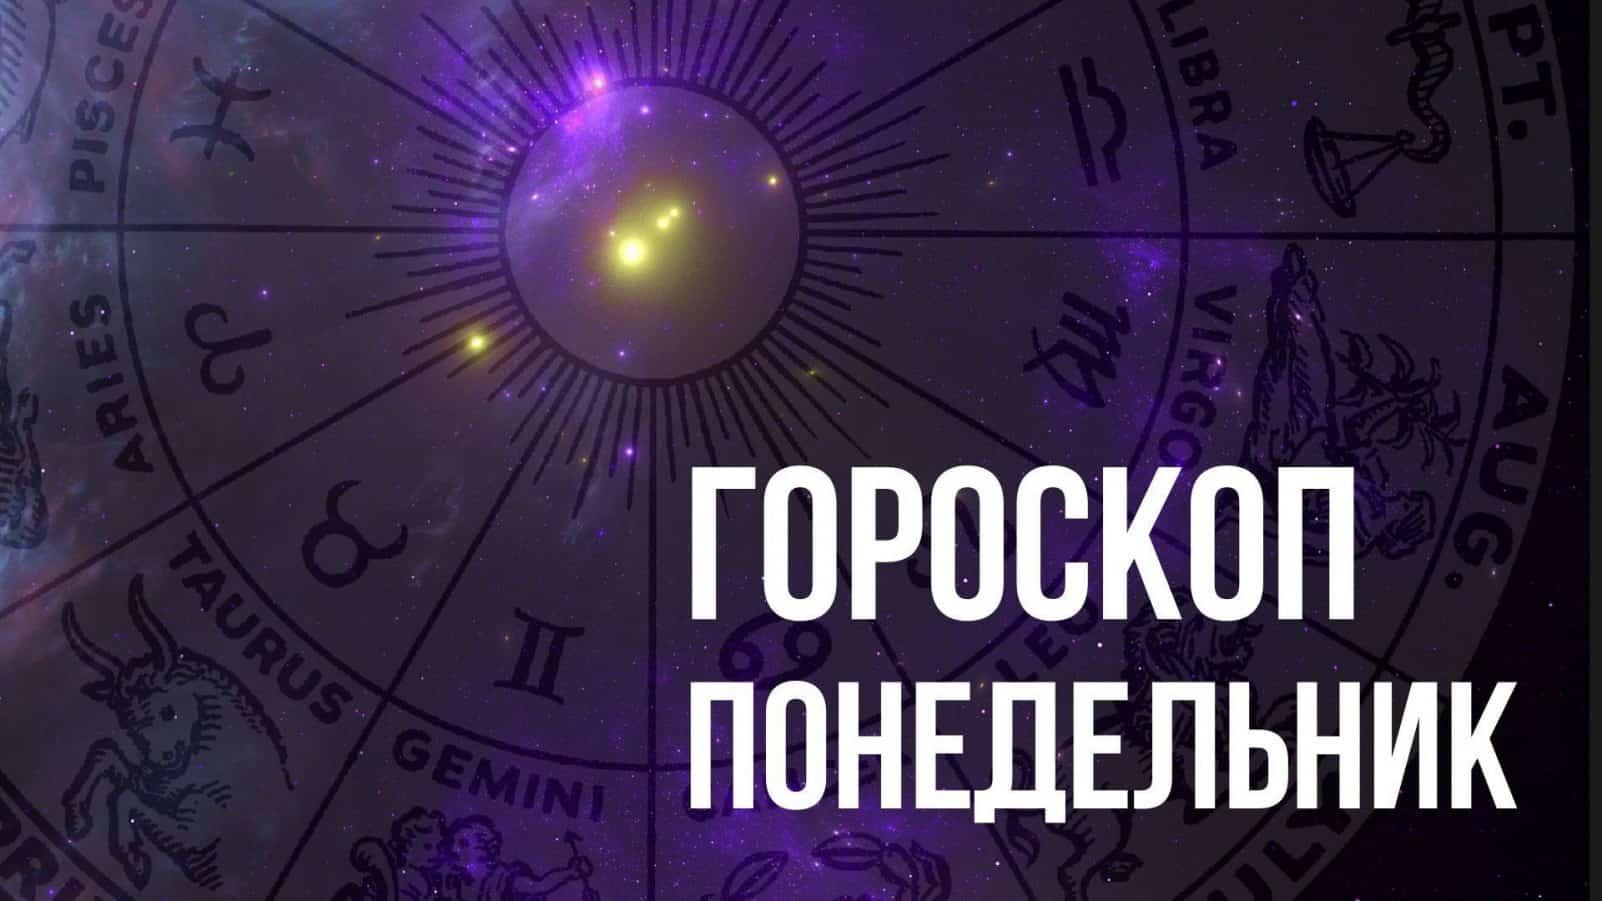 Гороскоп на понедельник 16 августа для каждого знака Зодиака